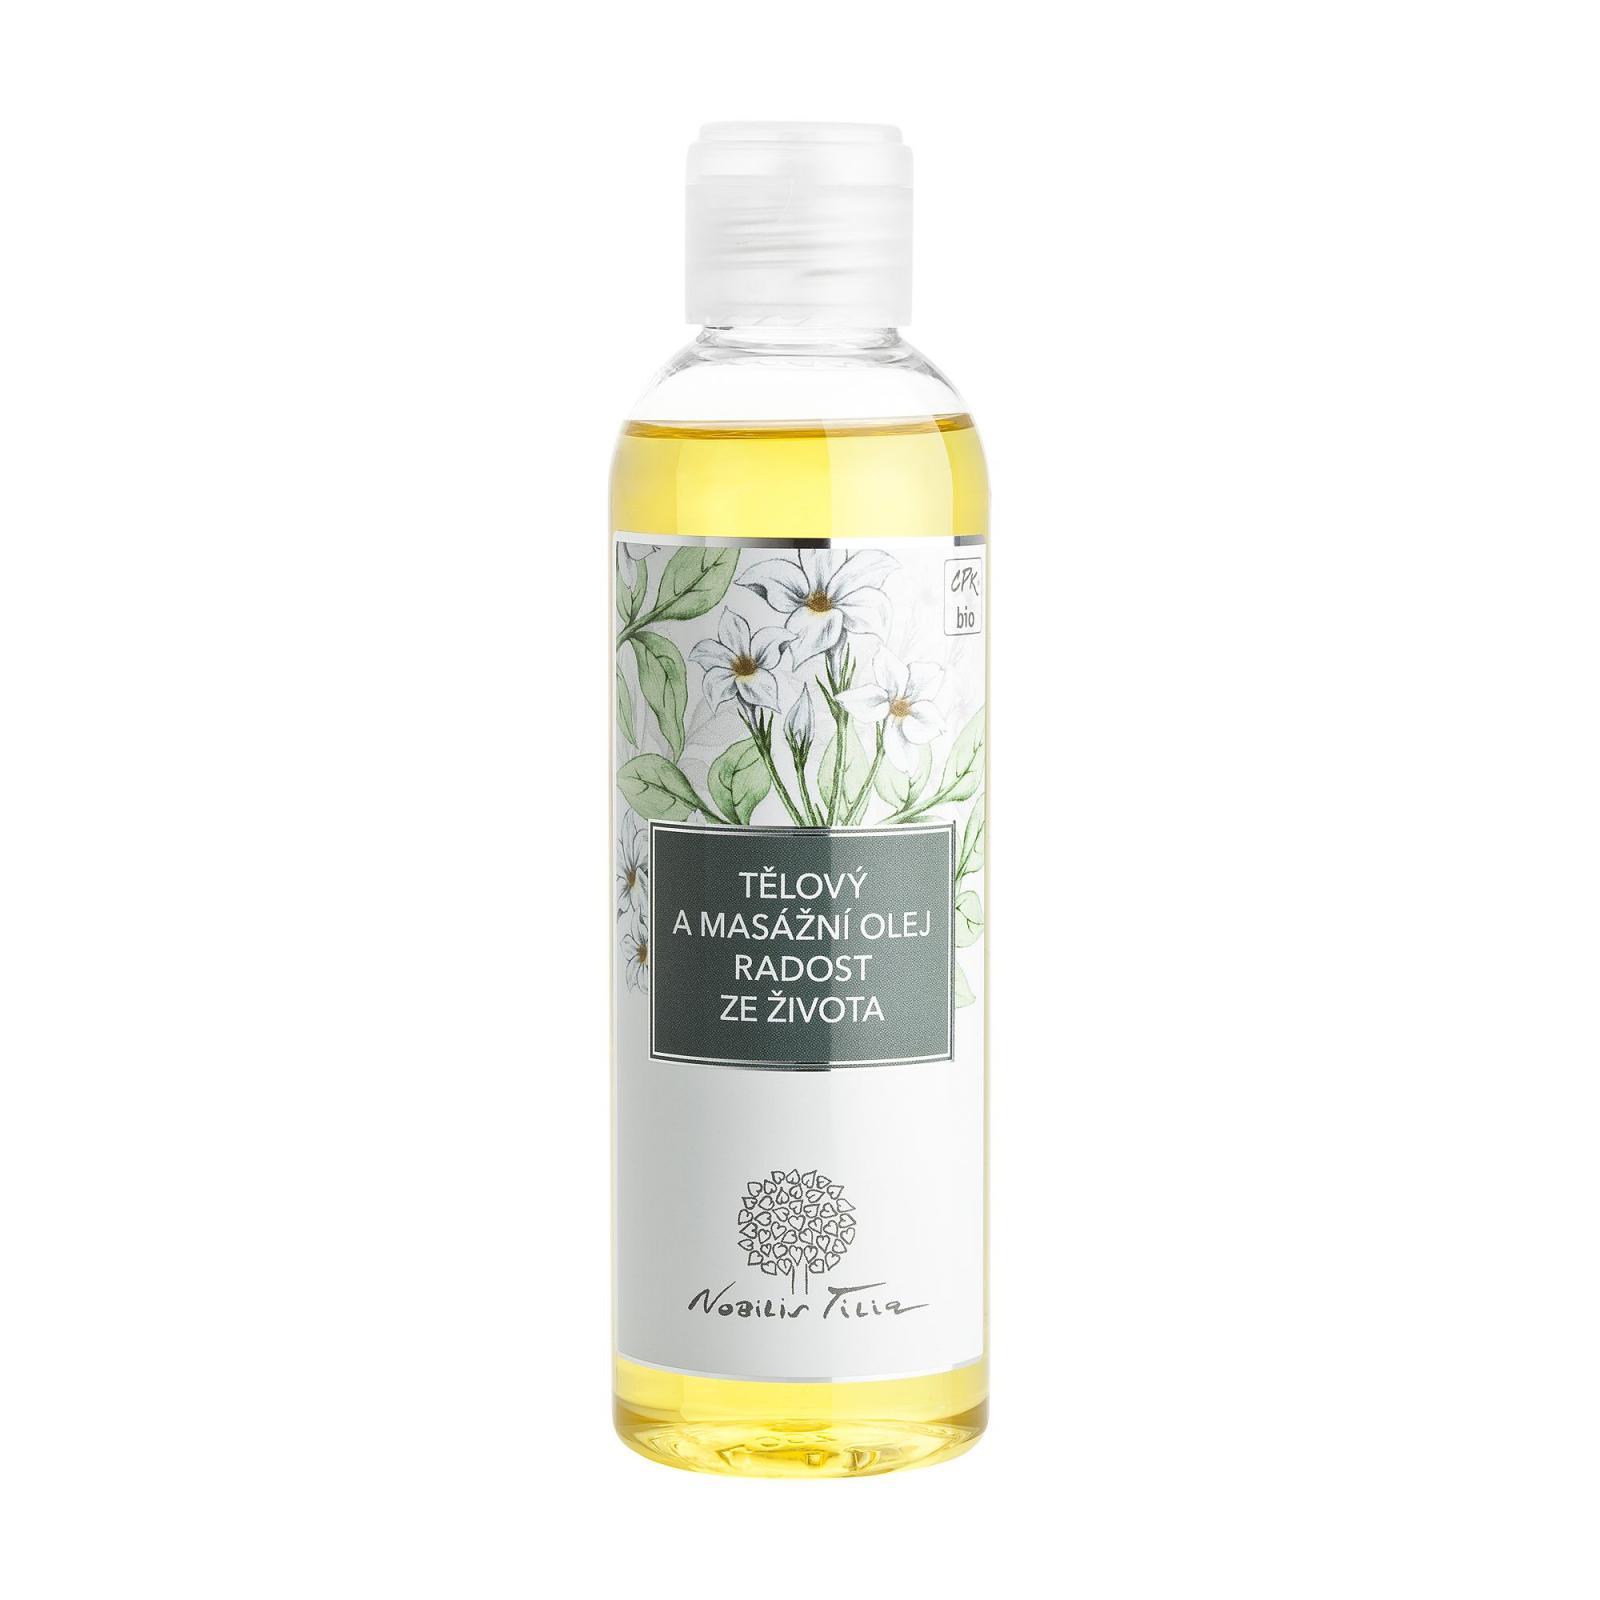 Nobilis Tilia Tělový a masážní olej Radost ze života 200 ml